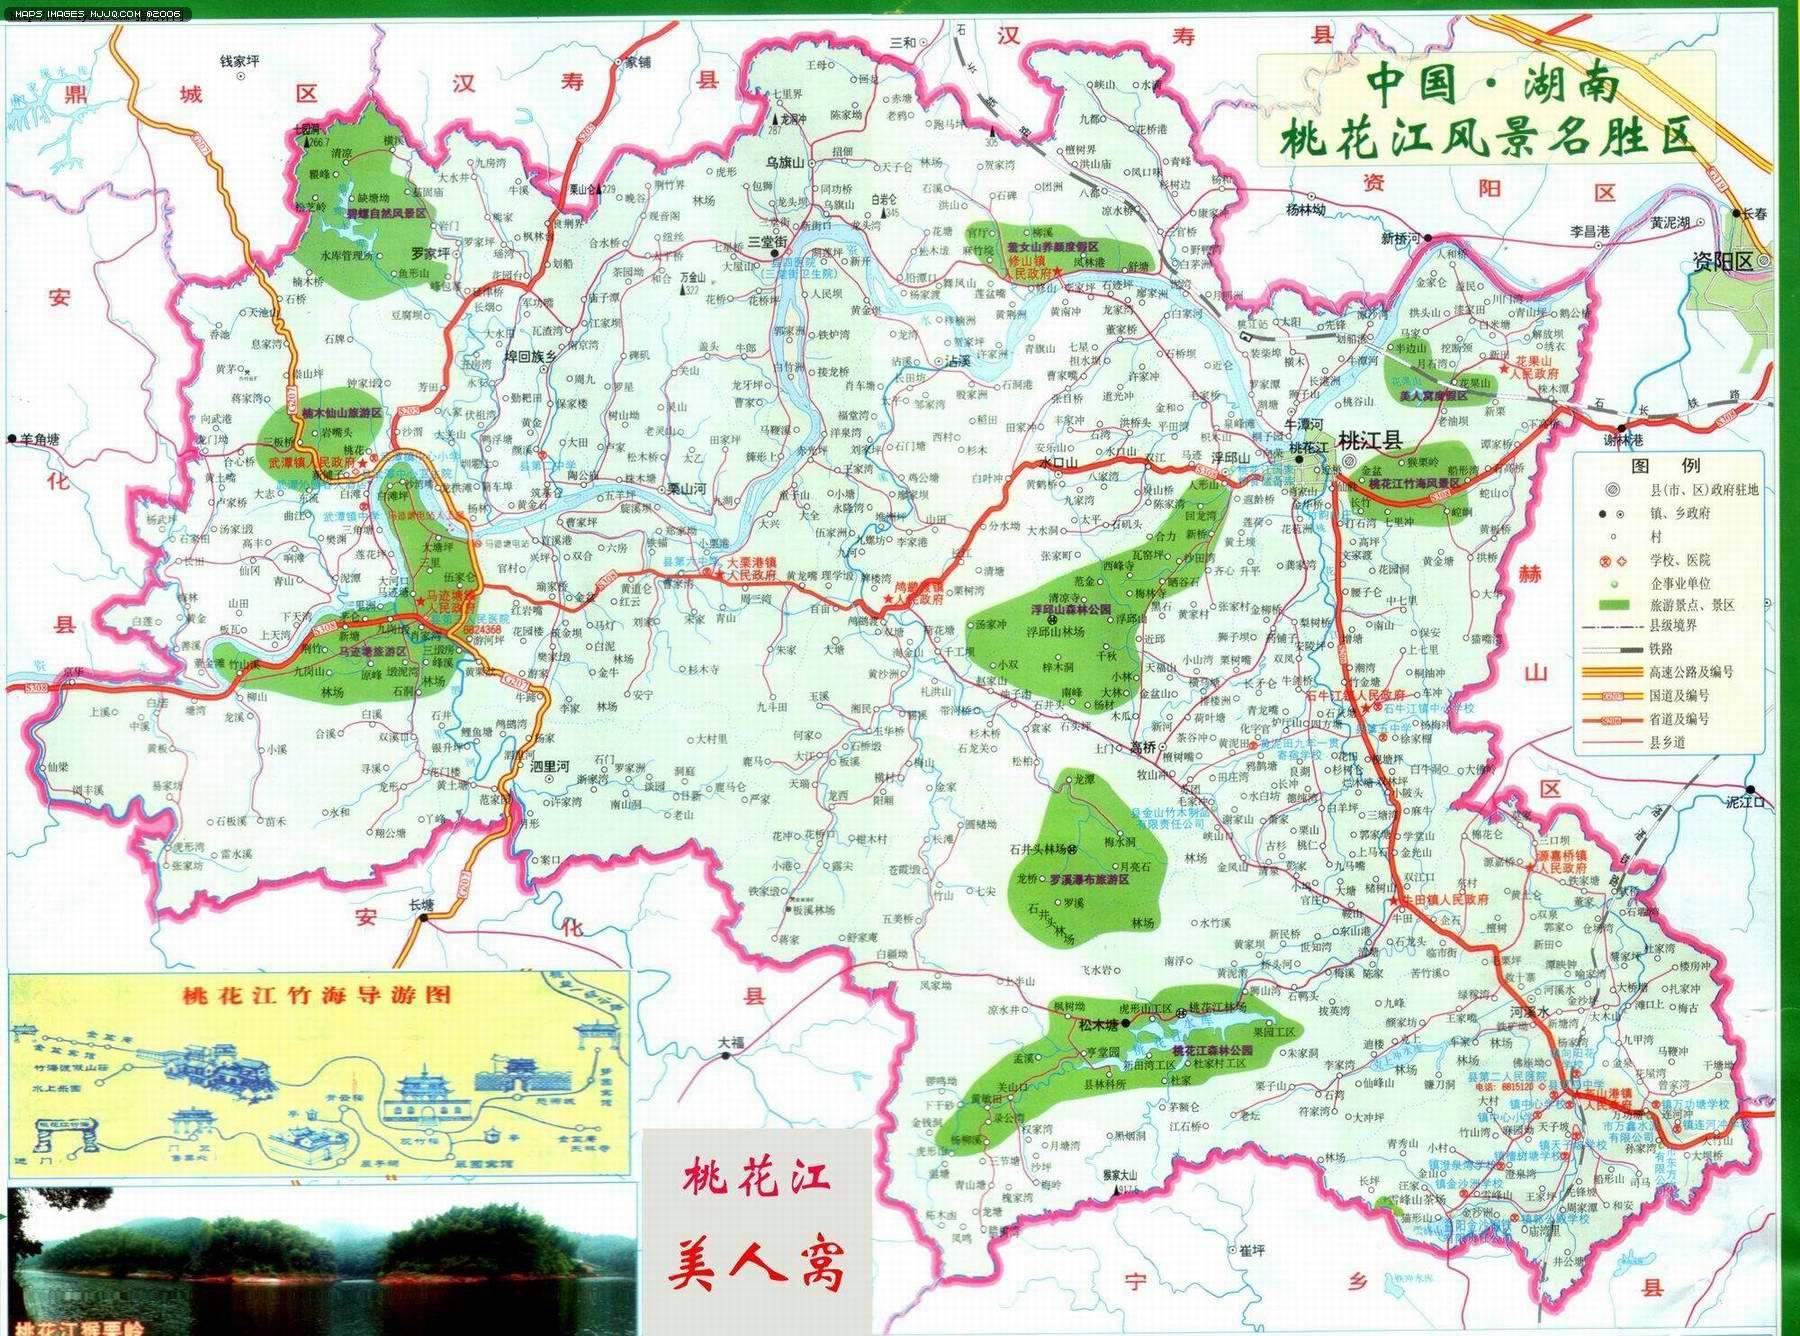 桃花江风景区 - 湖南旅游地图 中国地图 - 美景旅游网